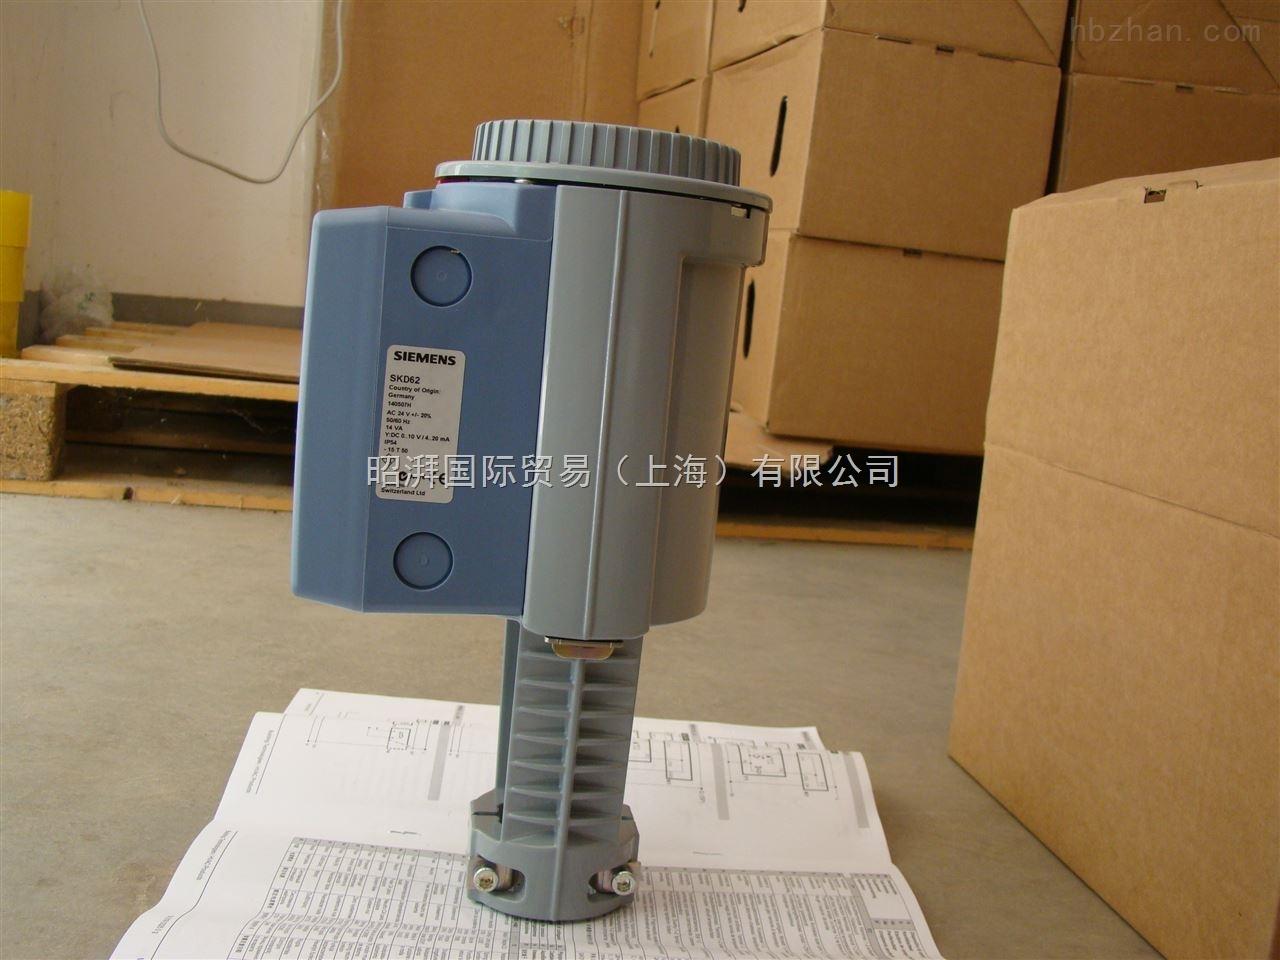 西门子电动执行器  断电保护  SKD62  1000N